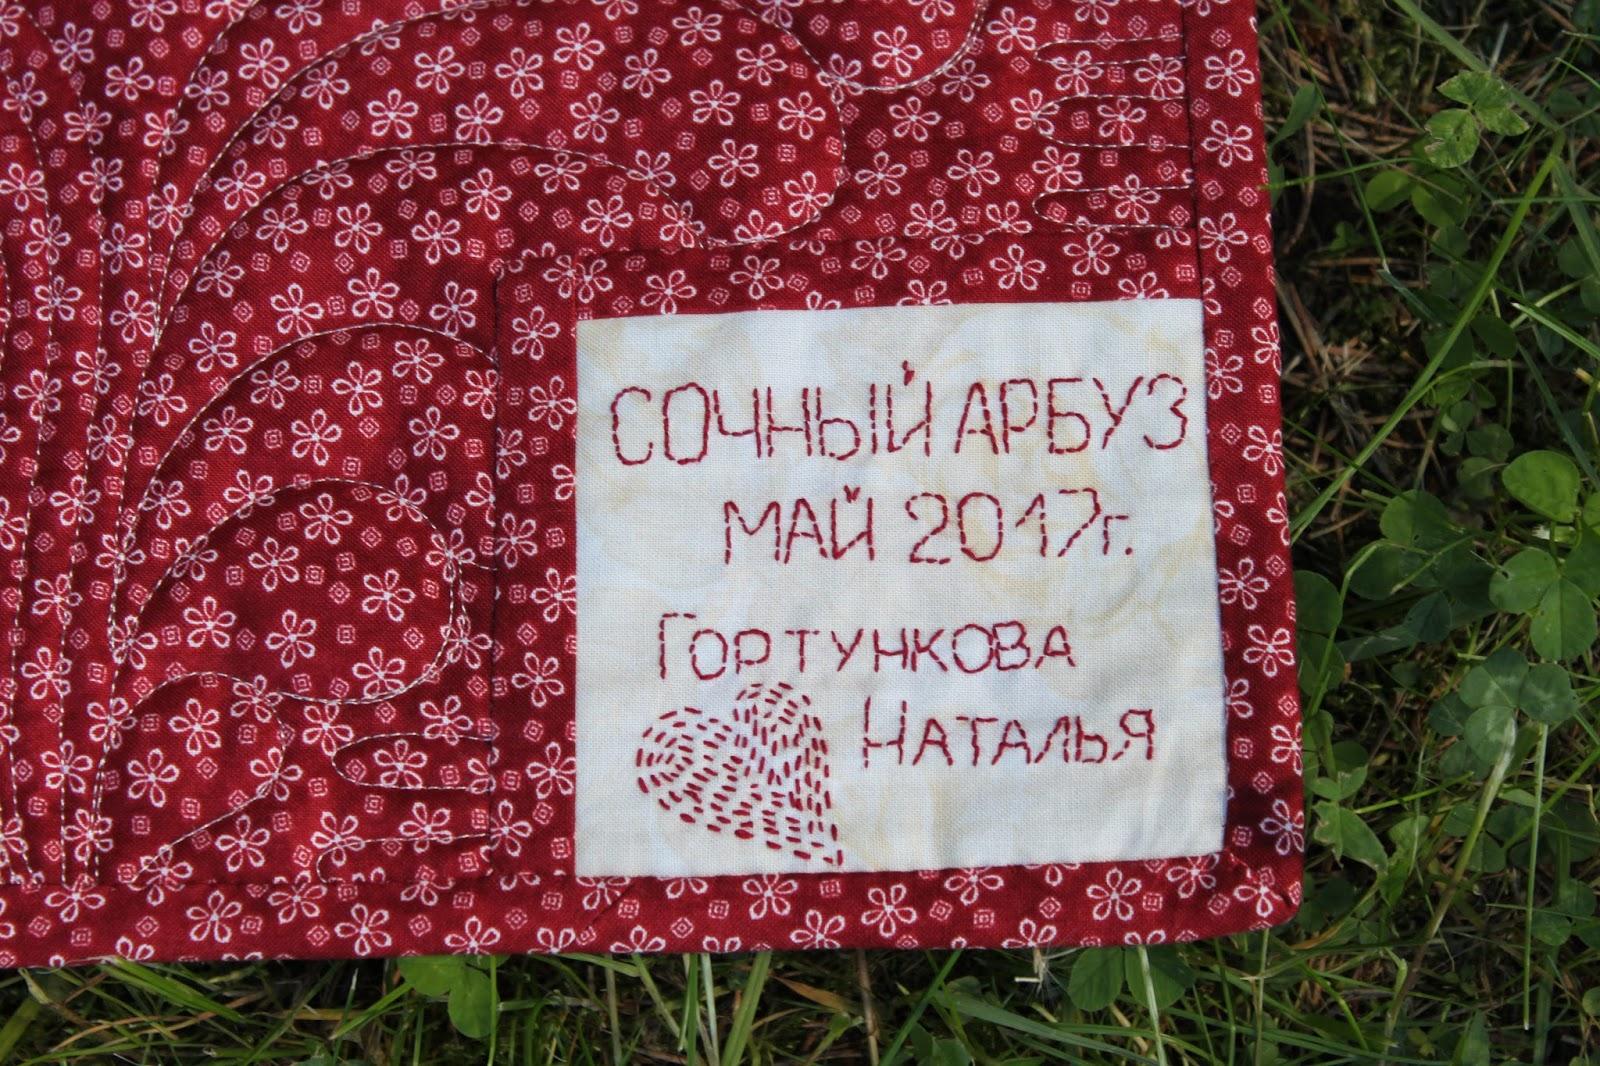 Прогноз погоды в иркутске на май